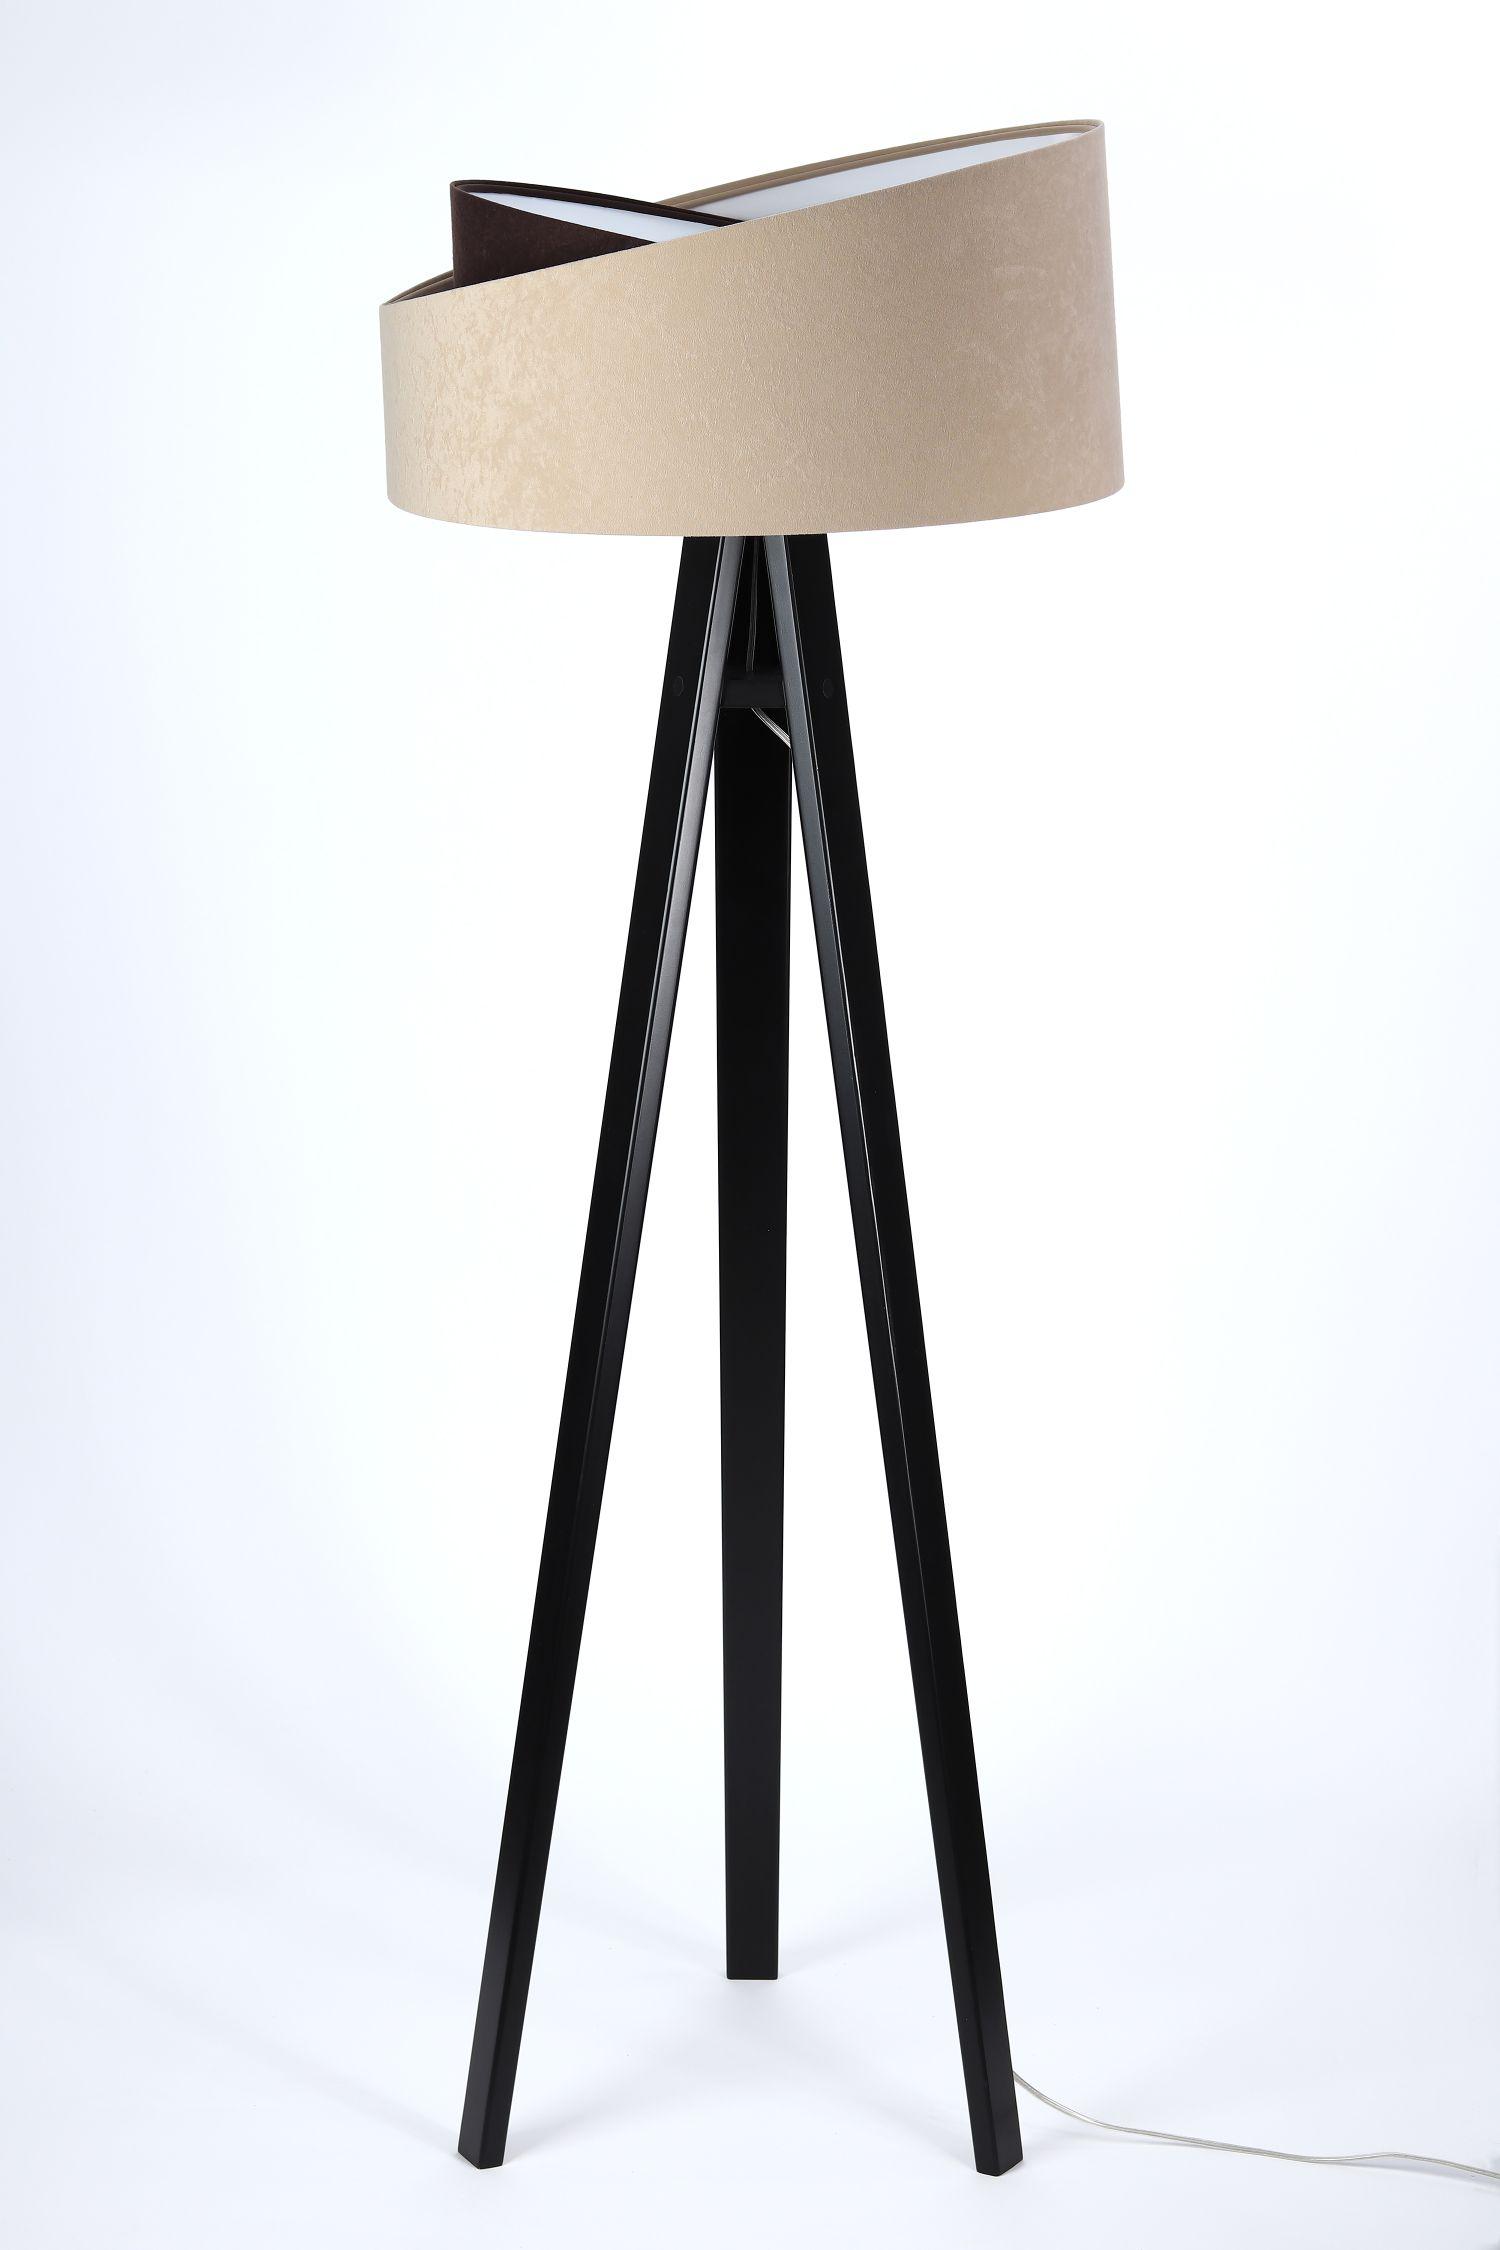 Stehlampe SONYA Beige Braun Holz 145cm Wohnzimmer